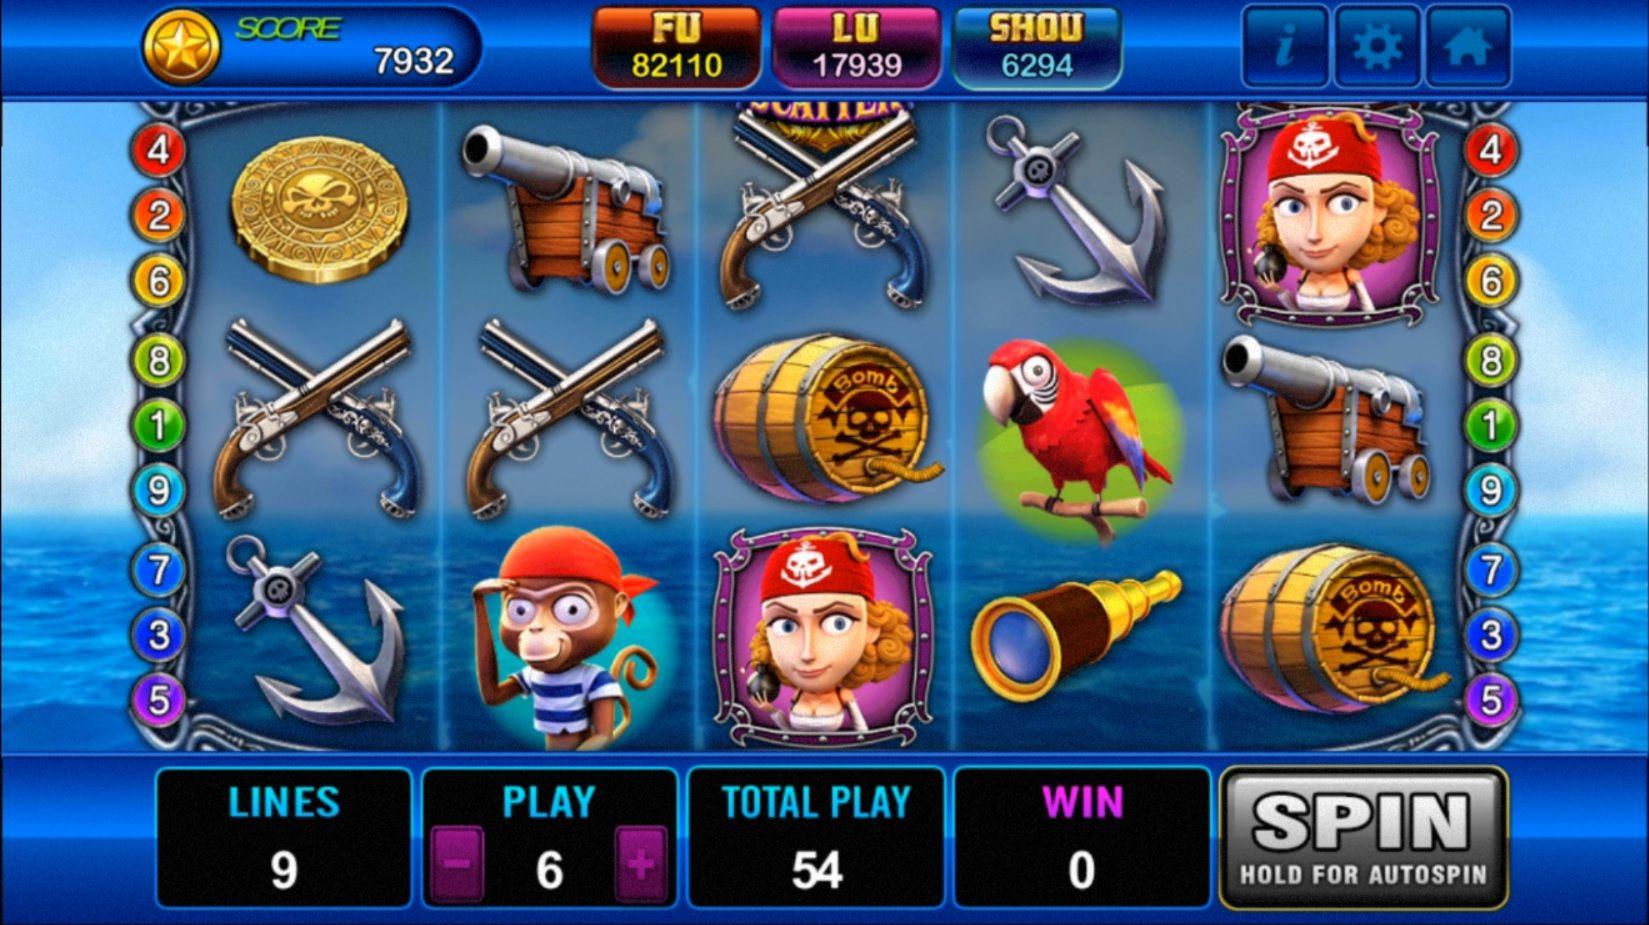 JOKER368.NET Casino Games online pilihan terbaik! Instal hari ini dan mulai fantasi kasino Anda! Kami memiliki permainan slot premium dan terbaru dengan PROGRESSIVE JACPOT TERTINGGI! Instal hari ini dan mulai mimpi fantasi kasino miliarder Anda, Mari berputar sekarang! Hubungi kami untuk pertanyaan apa pun! Kami senang membantu! ☛LiveChat: Fastbet99.com ☛Pin BB: FB99CS4 ☛Whatsapp: +6687-557-9082 ☛Line: Fastbet99 ☛Wechat: Cs_Fastbet99